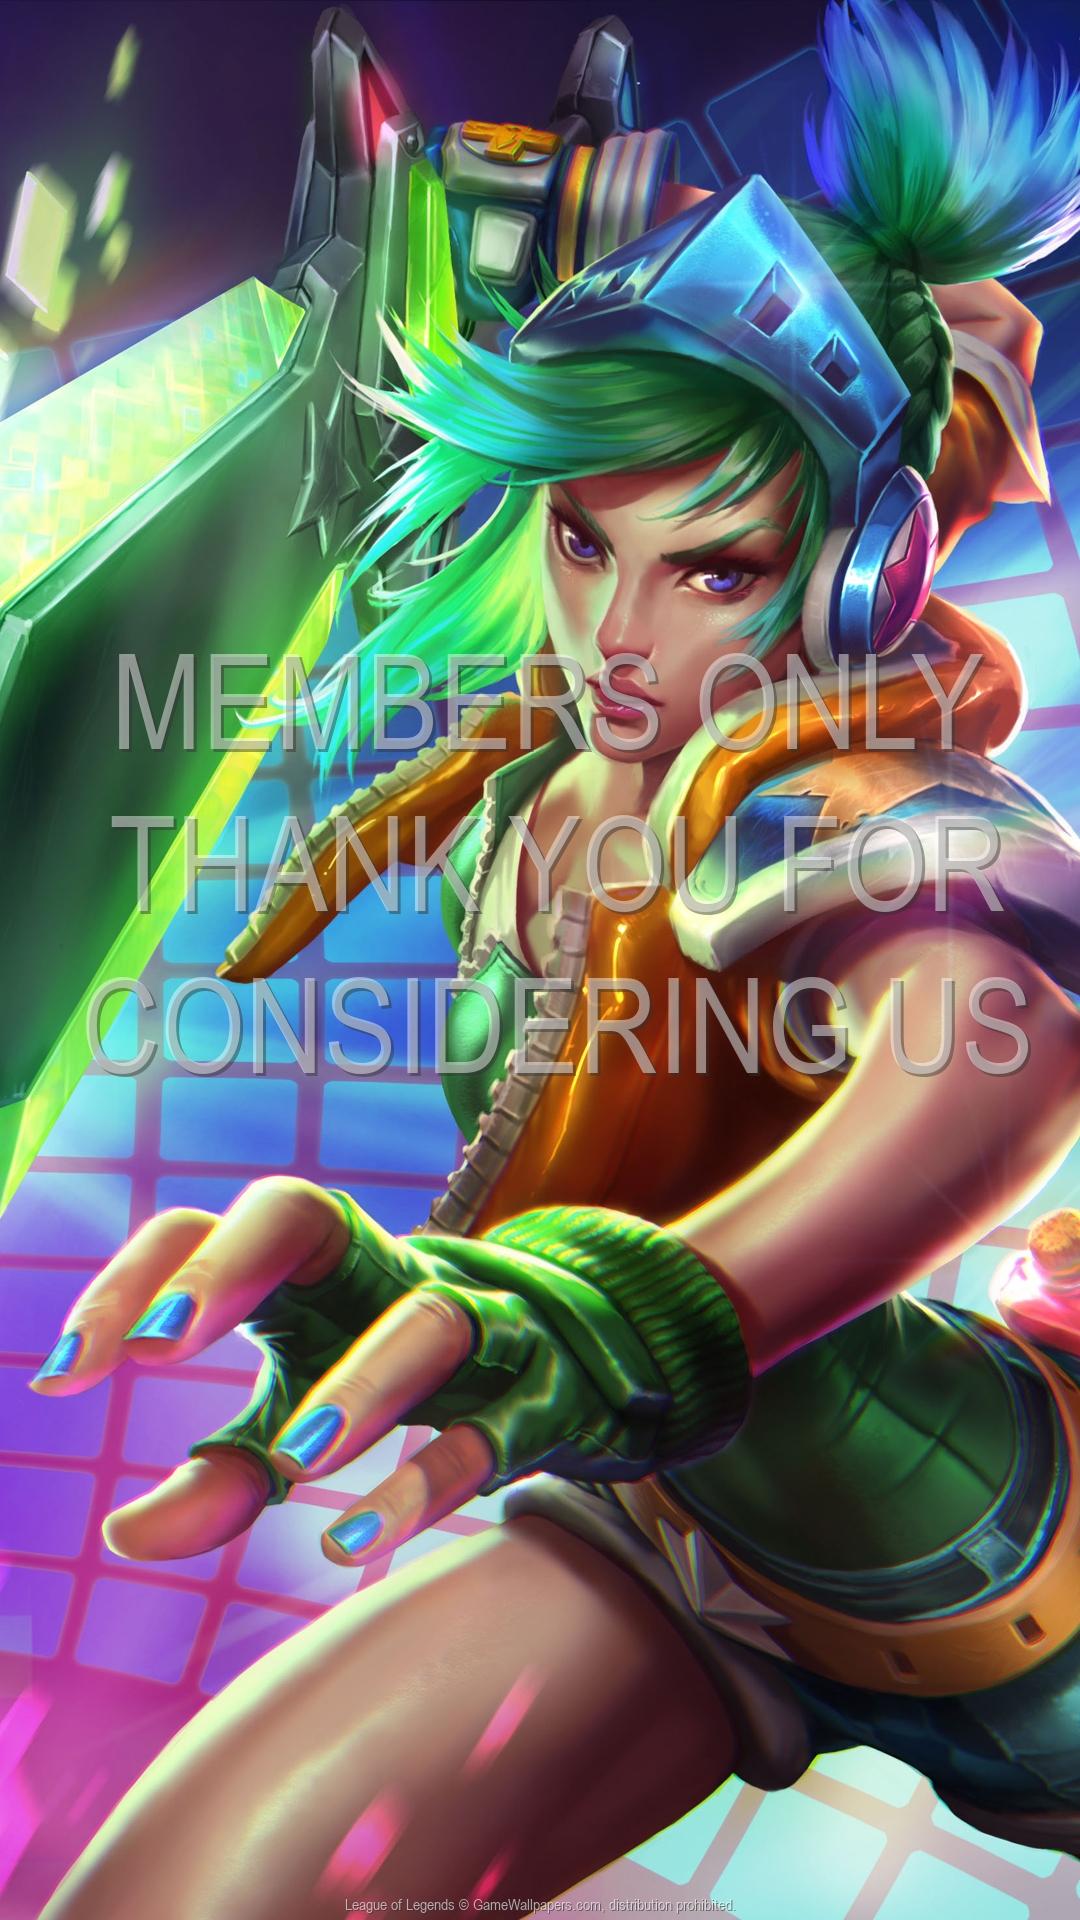 League of Legends 1920x1080 Handy Hintergrundbild 30